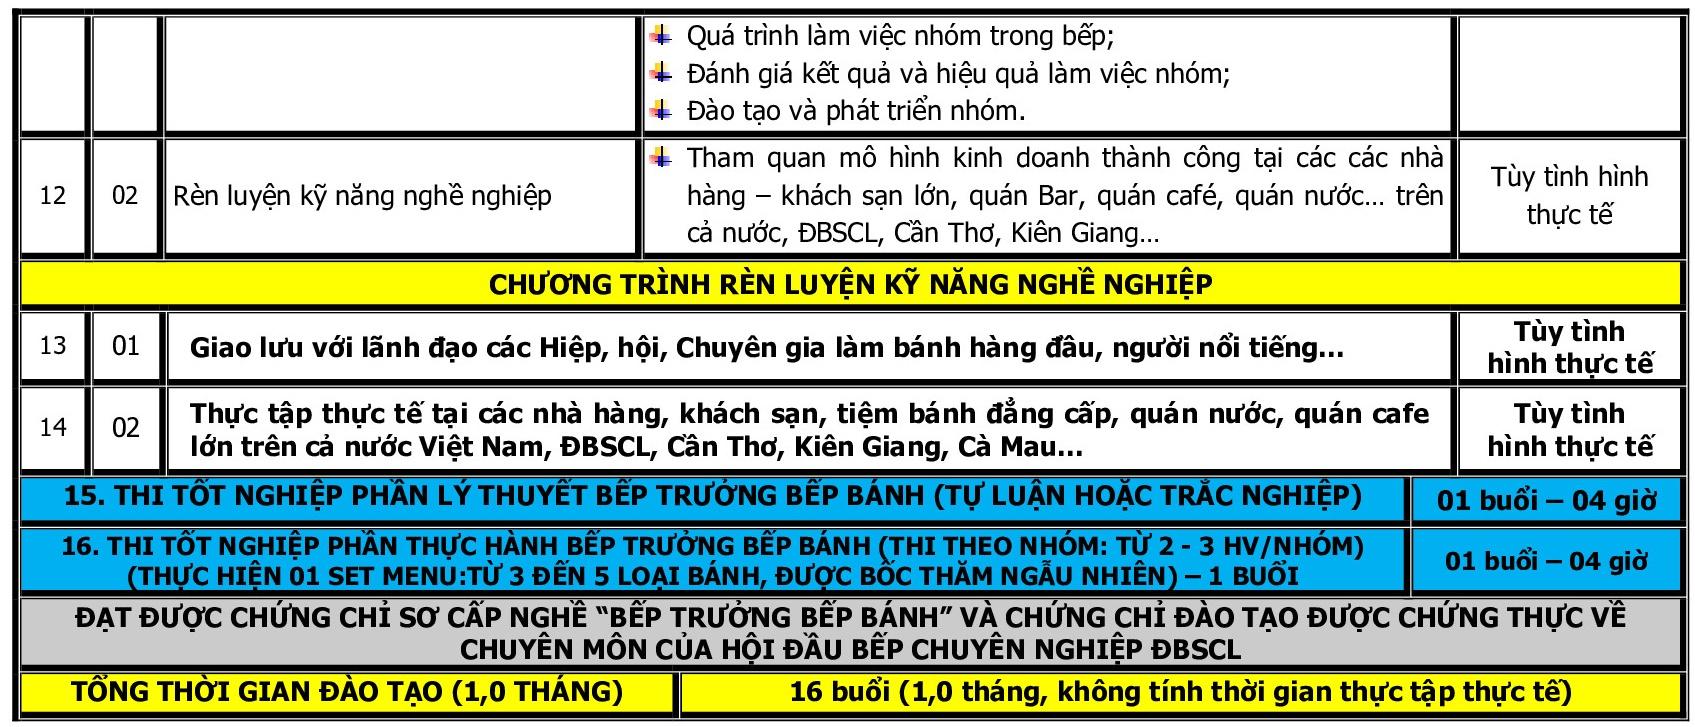 CT DAO TAO NGHIE VU BEP TRUONG BEP BANH_p006